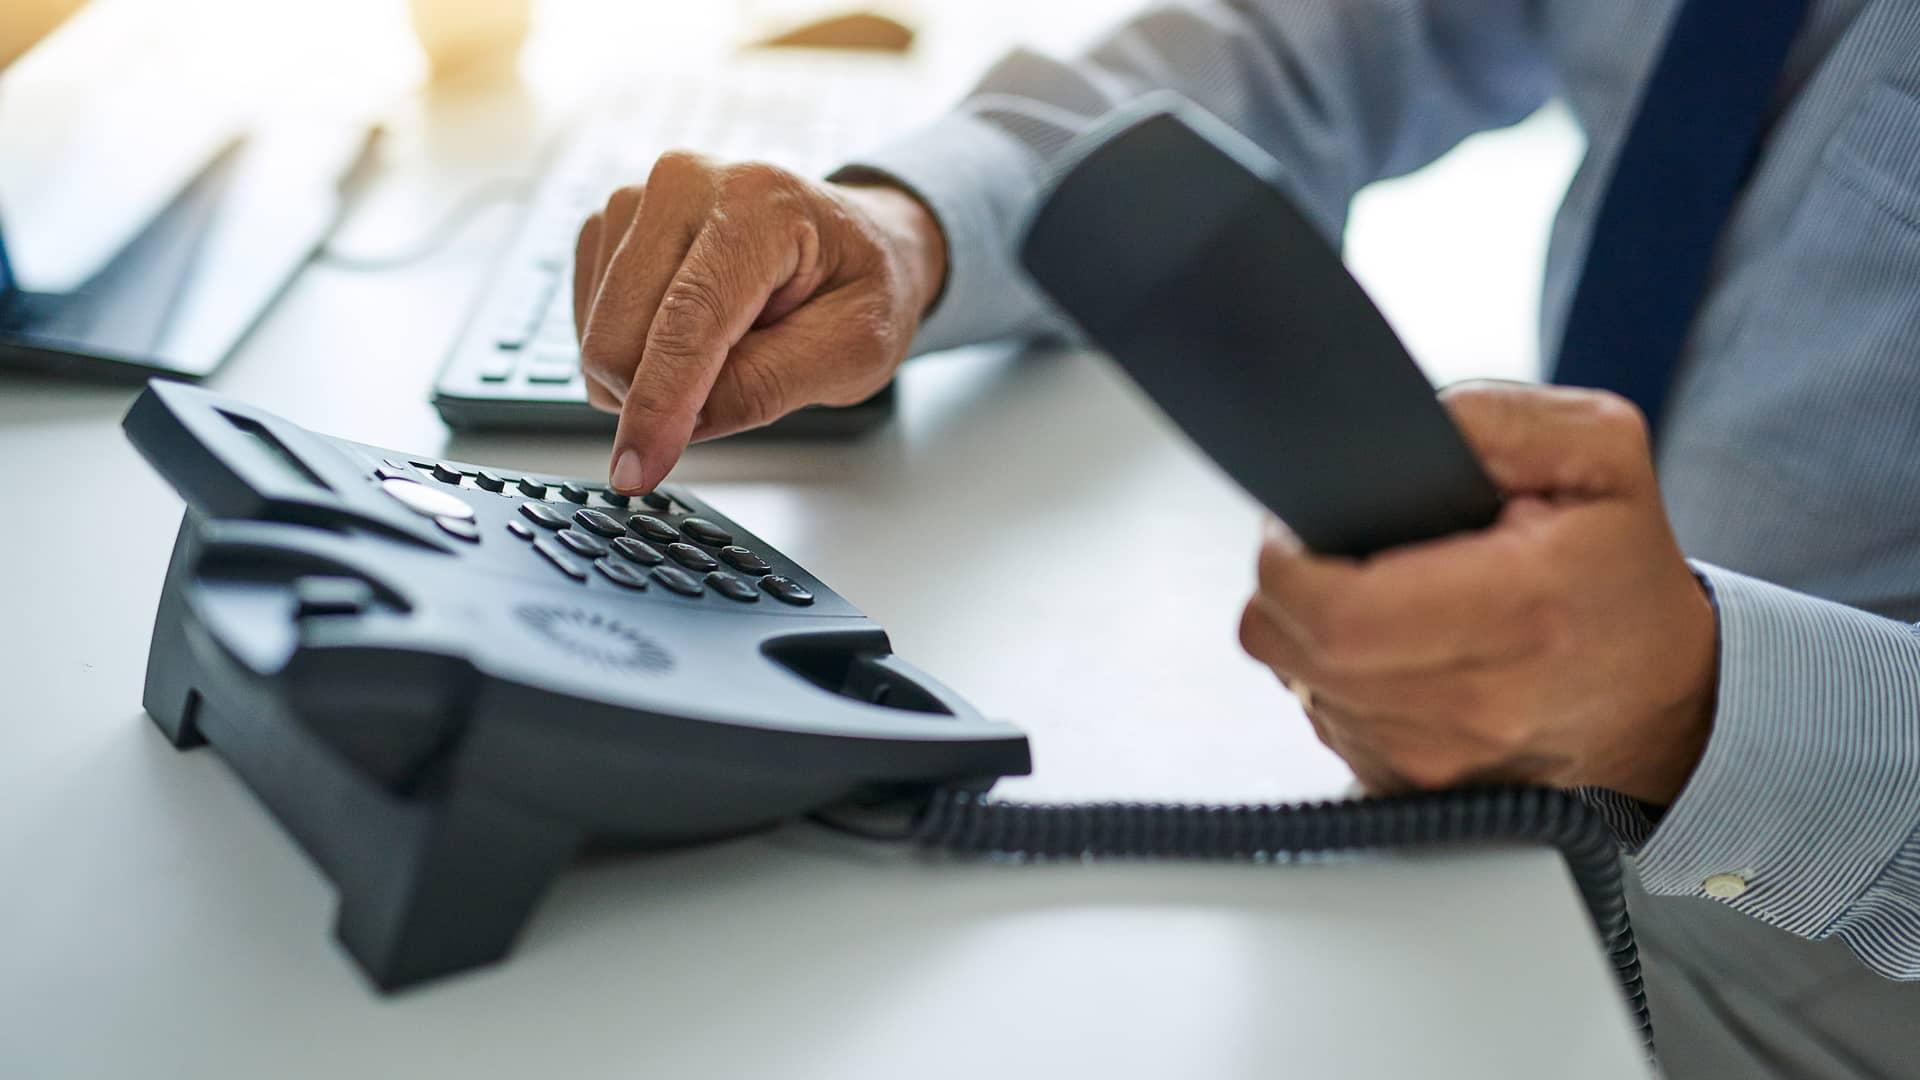 Cuota de línea: ¿qué es, para que sirve y cuál es su precio?